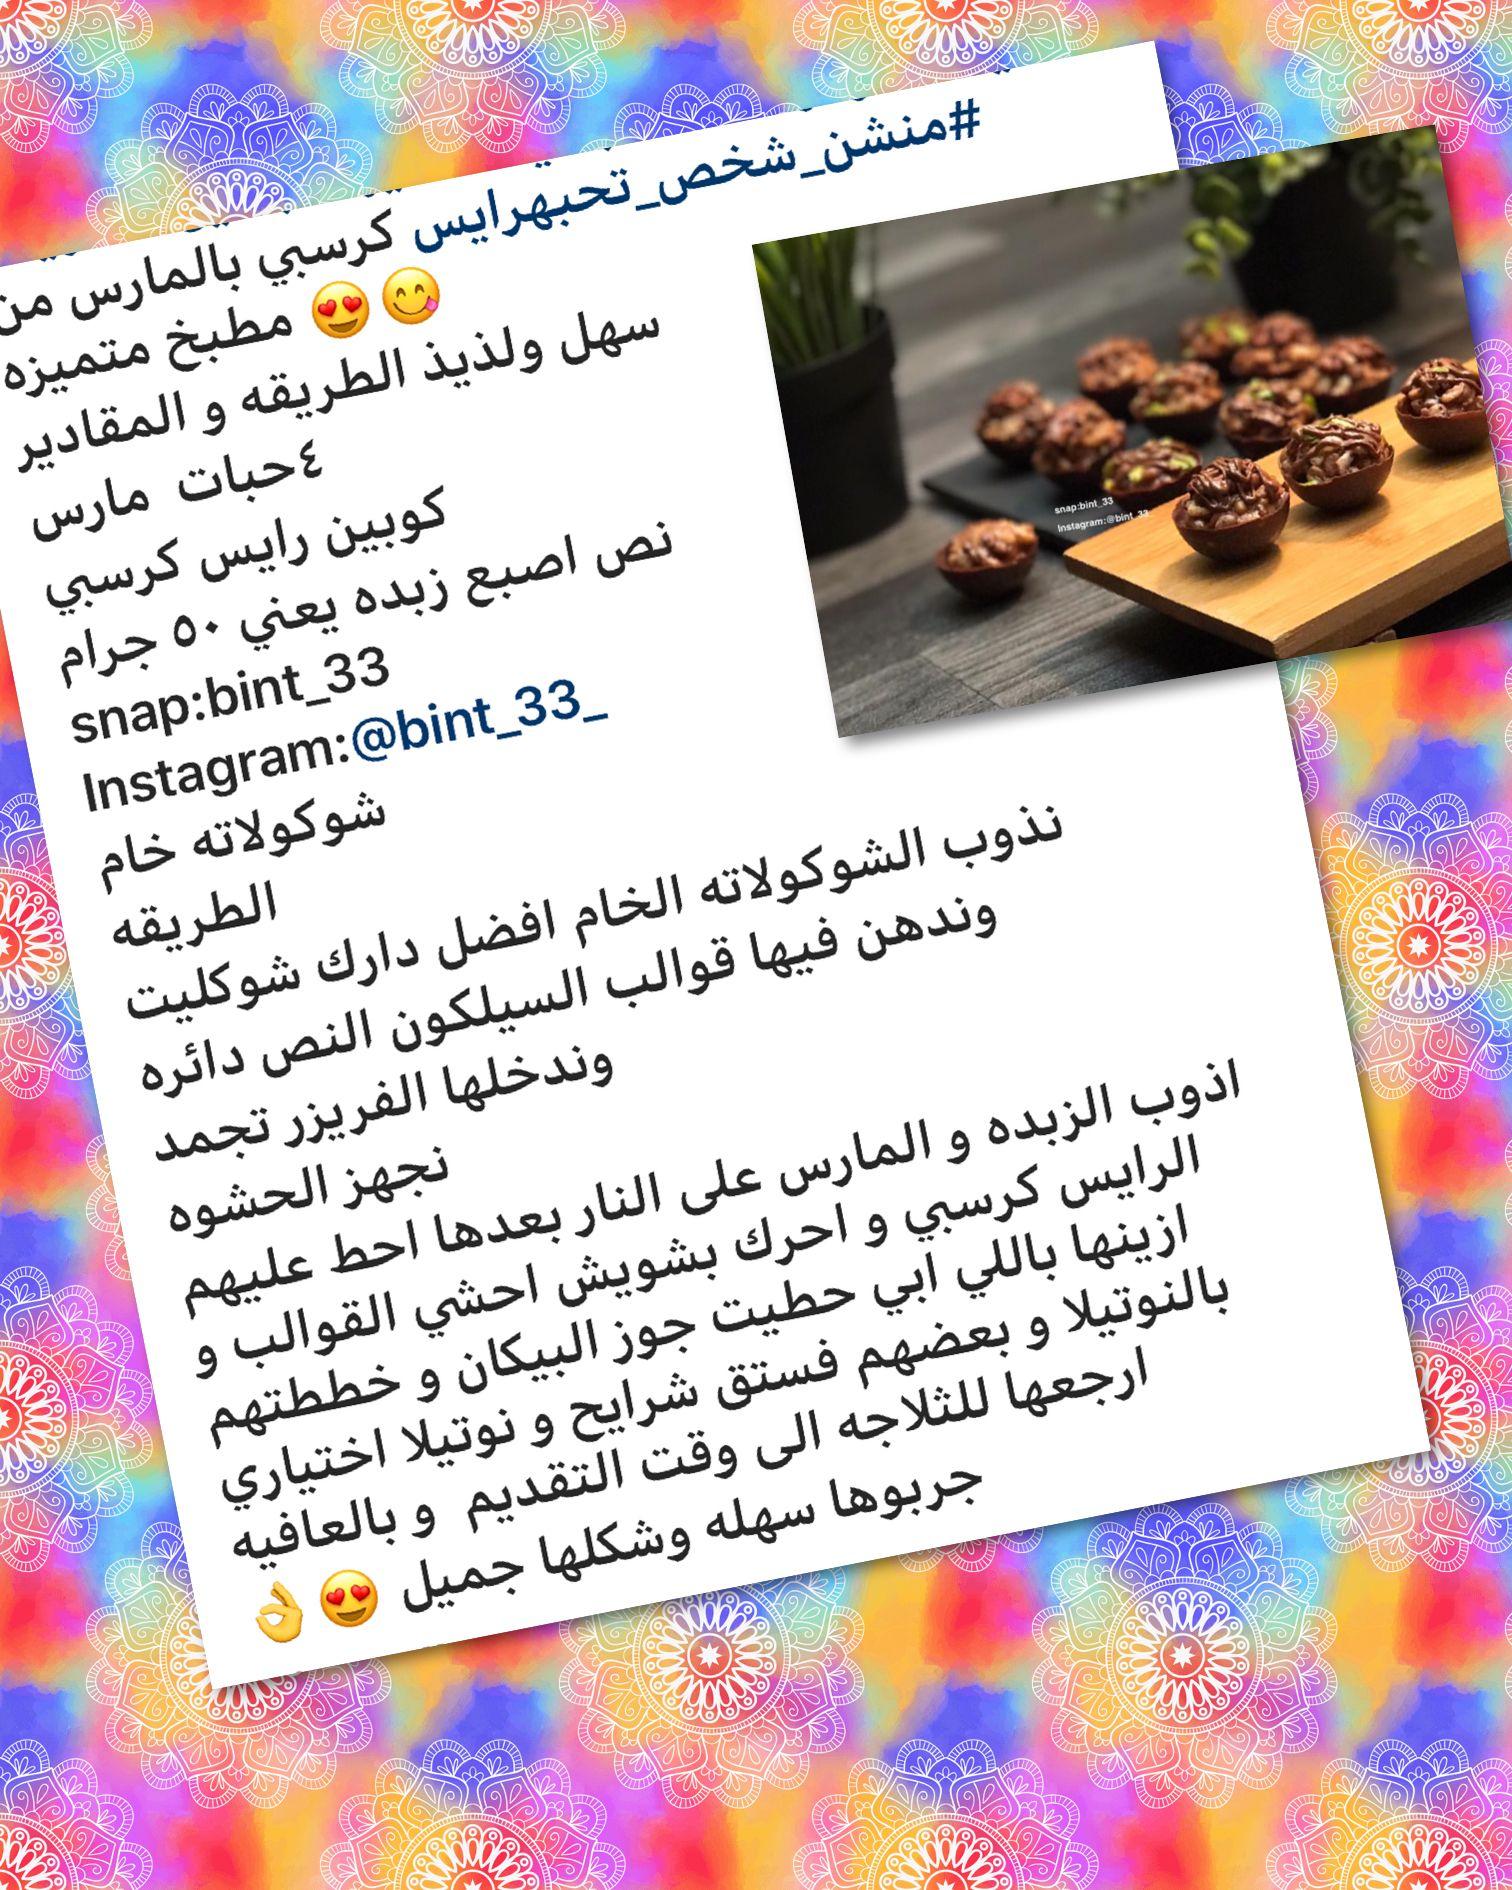 رايس كرسبي بالمارس Cooking Desserts Recipes